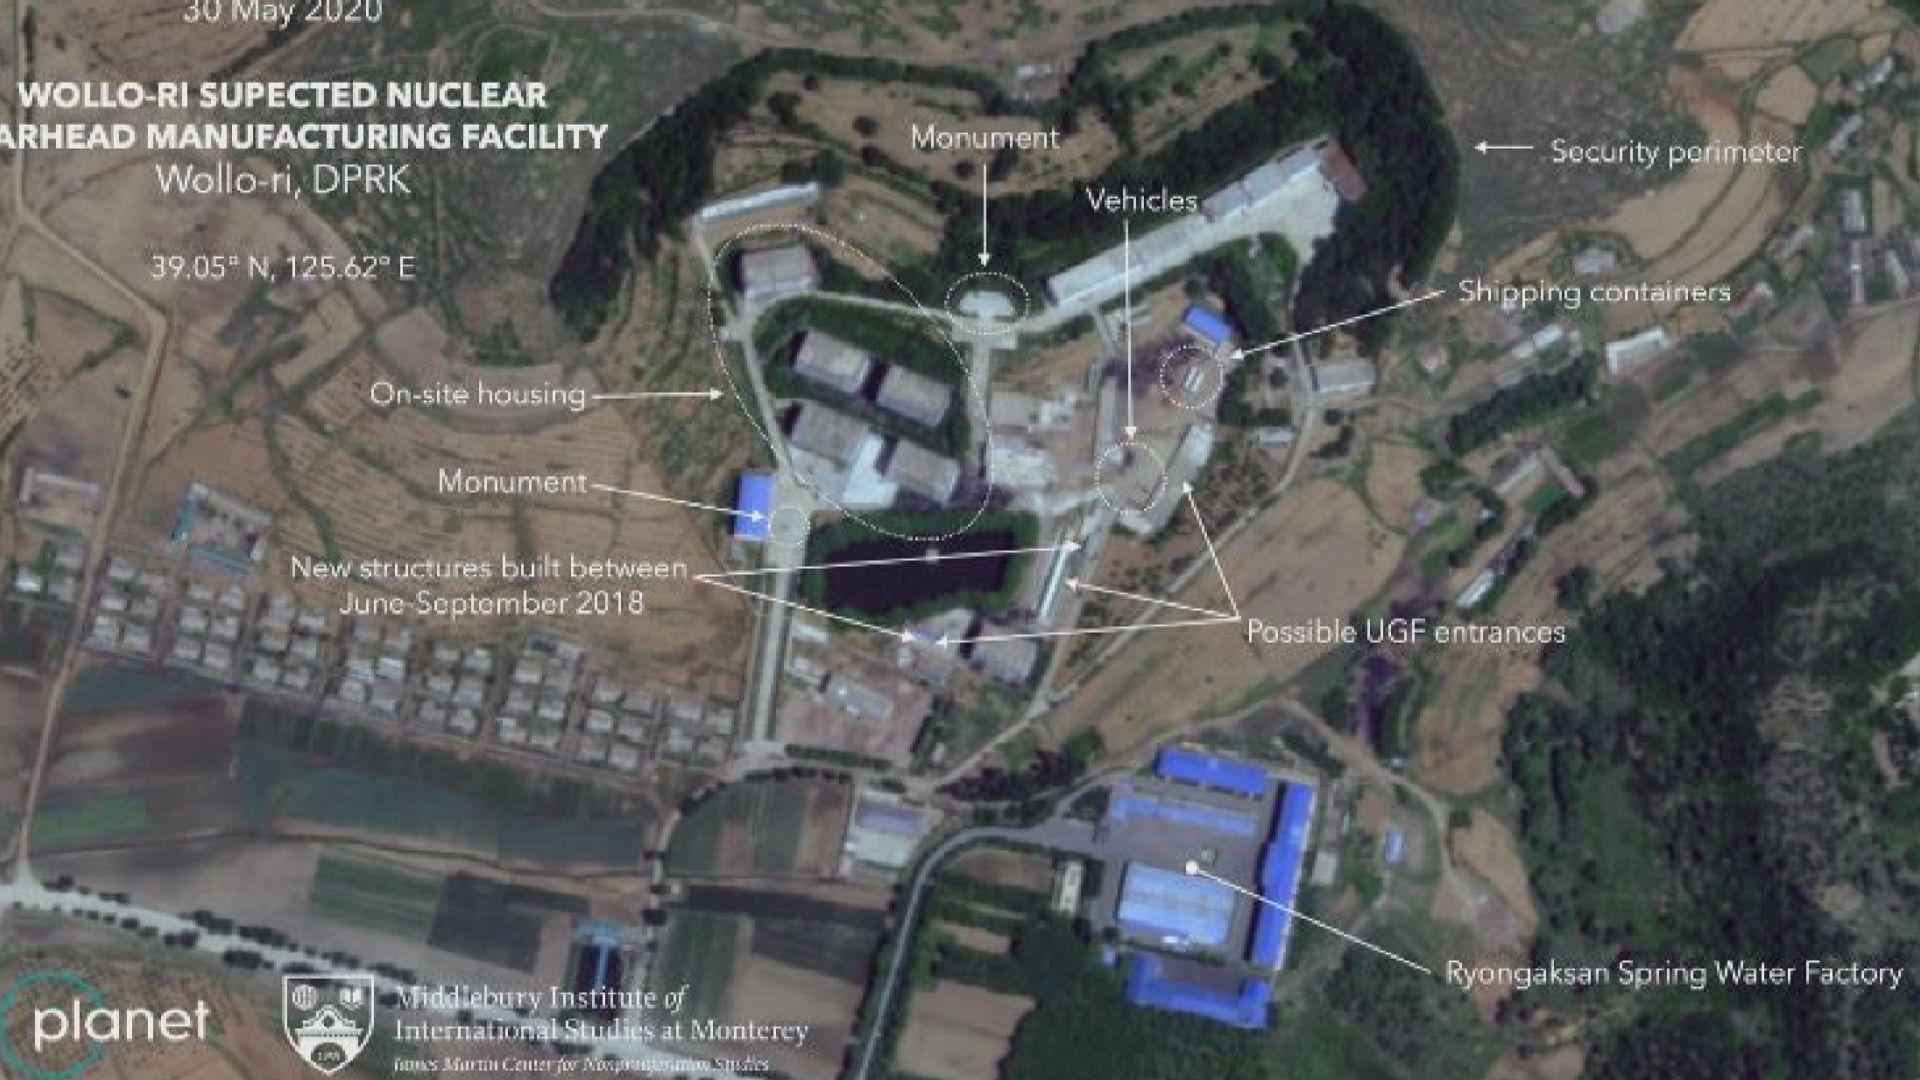 衛星拍到相信是未曾公開的北韓核設施